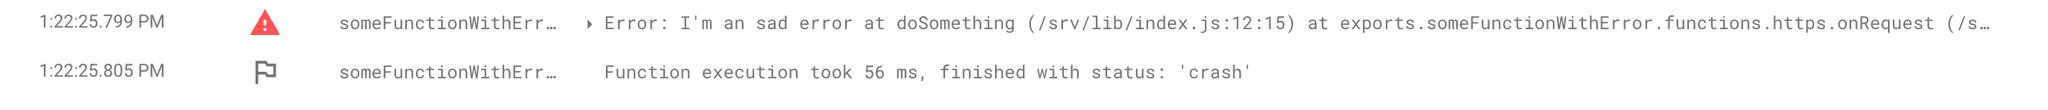 firebase-error-log